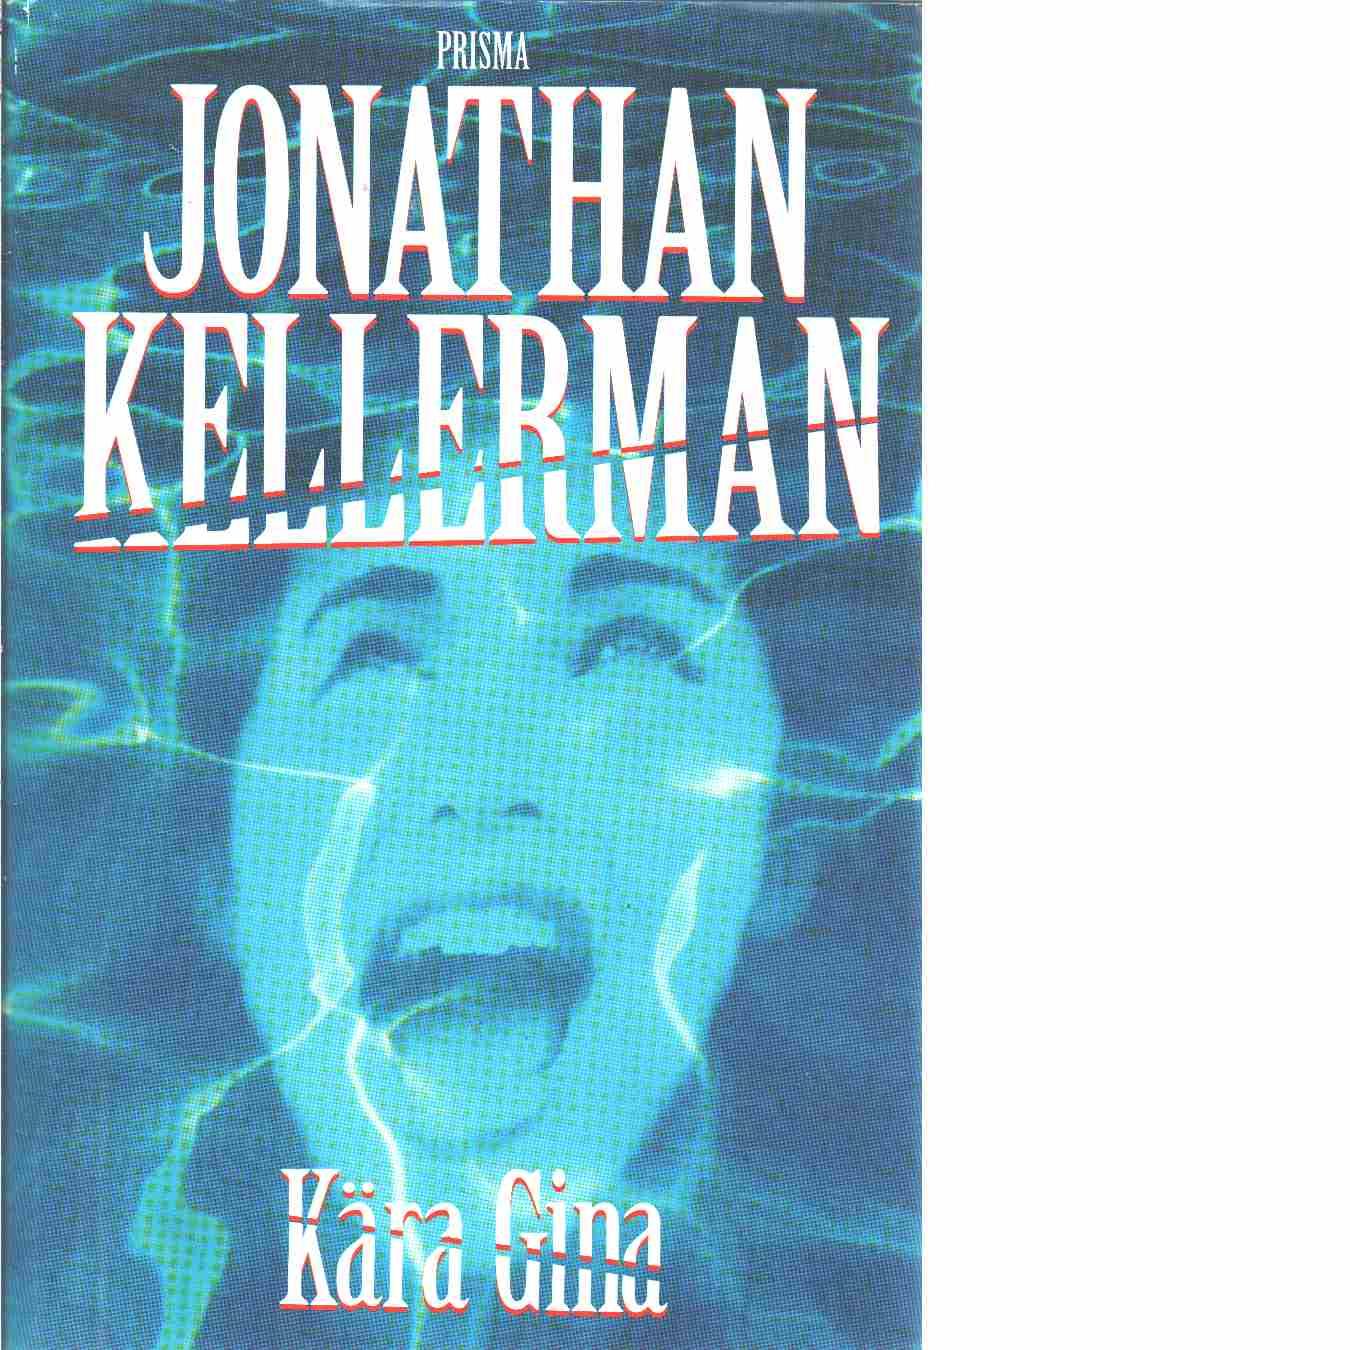 Kära Gina - Kellerman, Jonathan